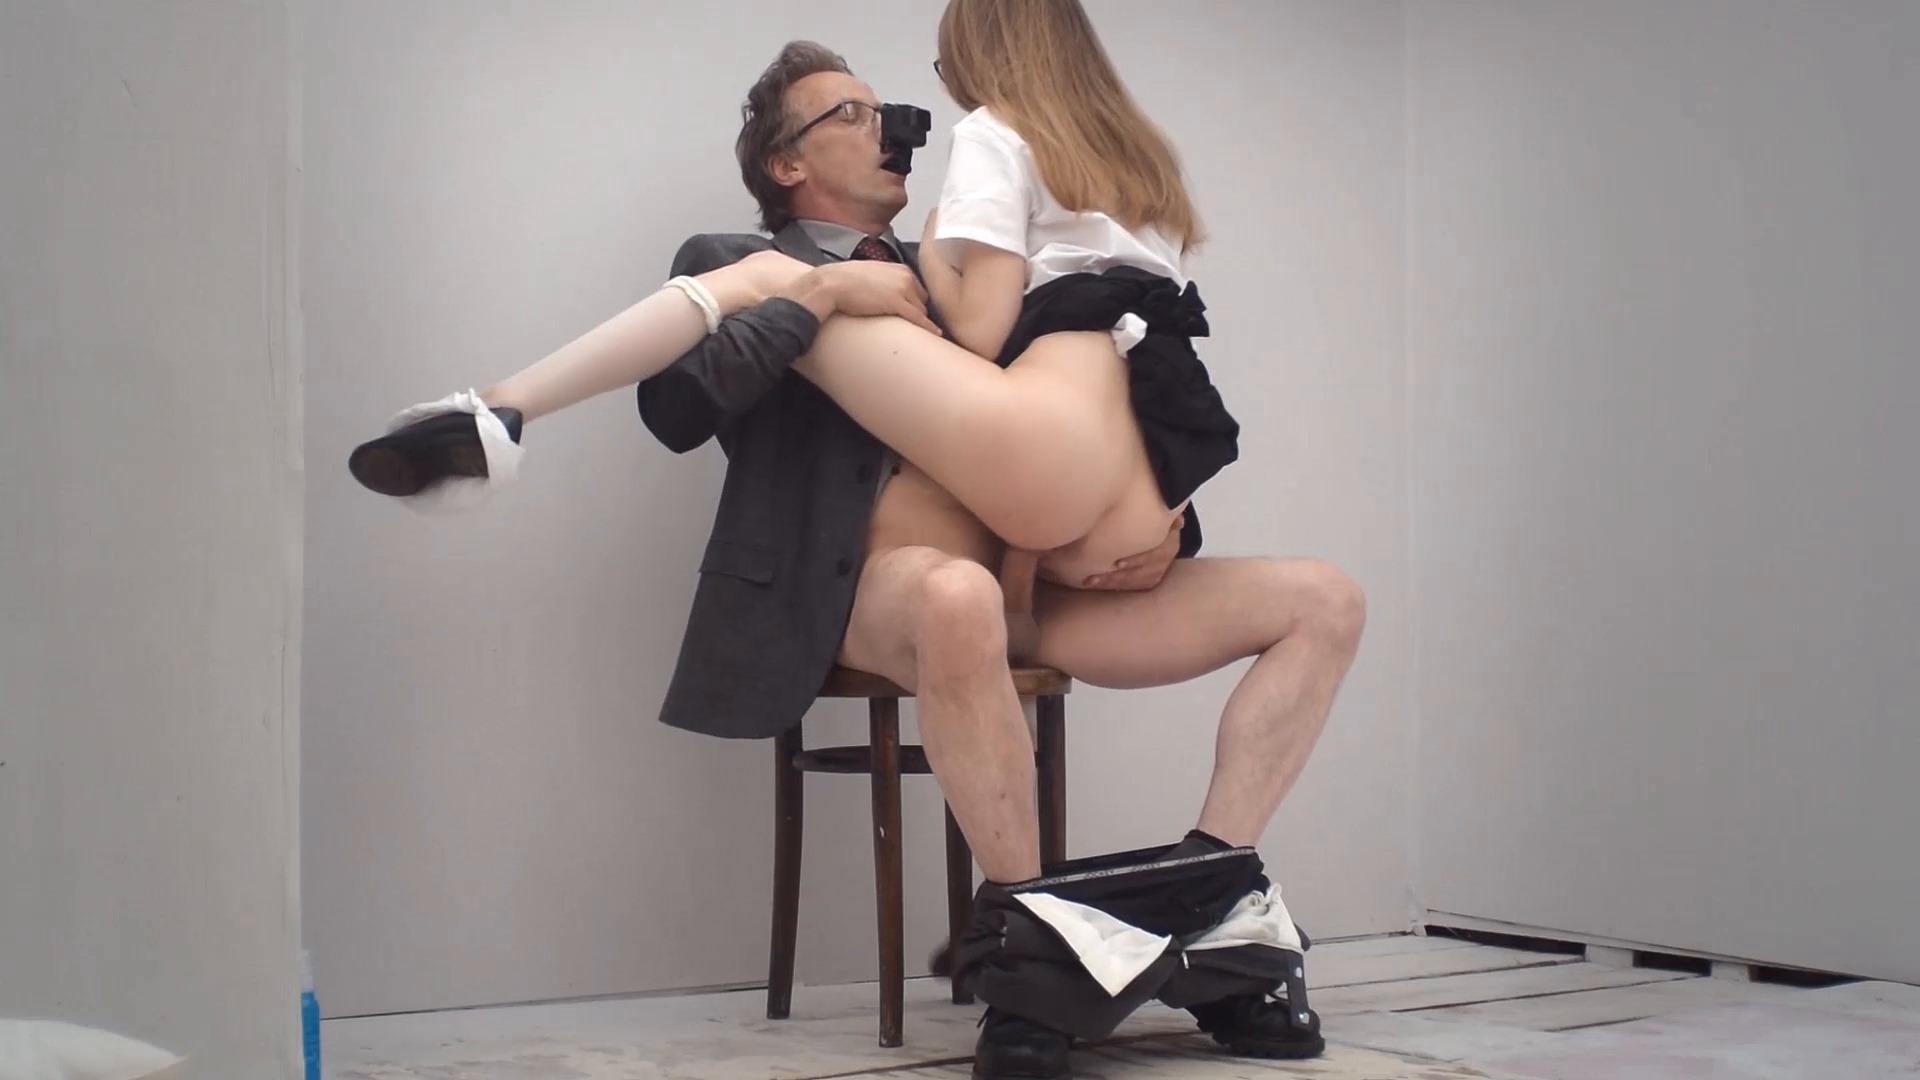 Schoolgirl Sex Pic